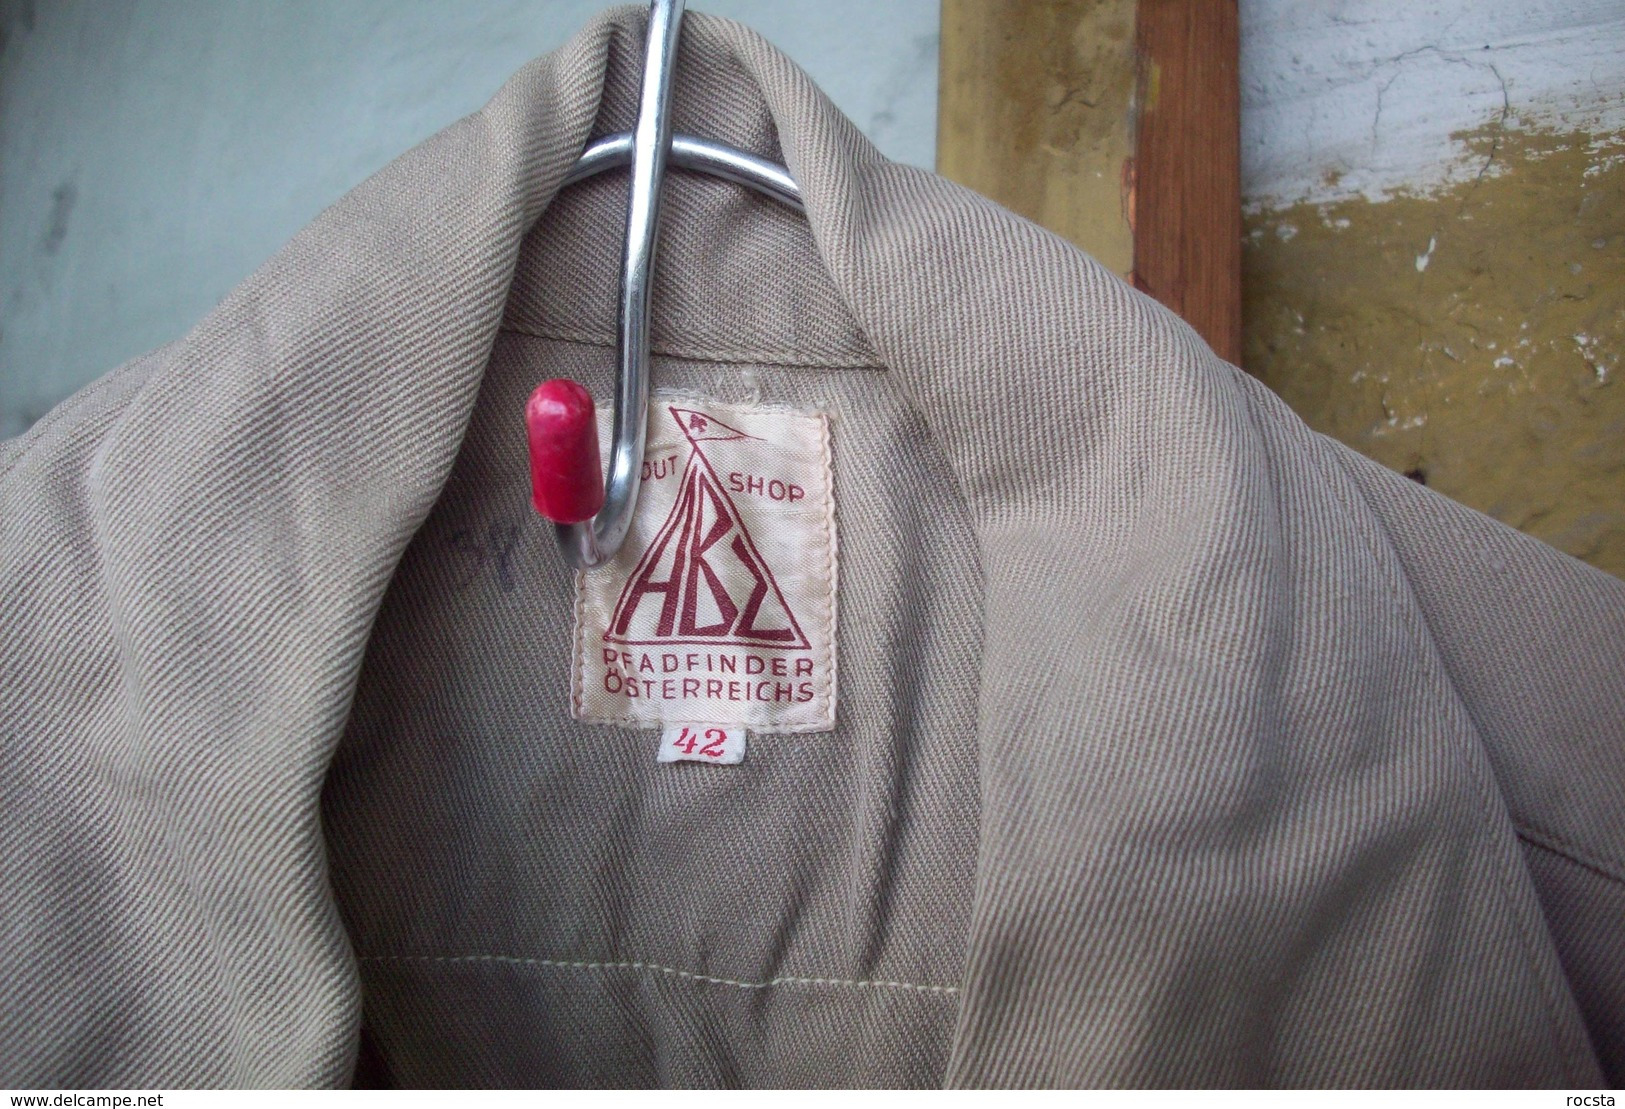 Antique Austria Scout Shirt Khaki - 4 Patches & Brass Buttons - Movimiento Scout